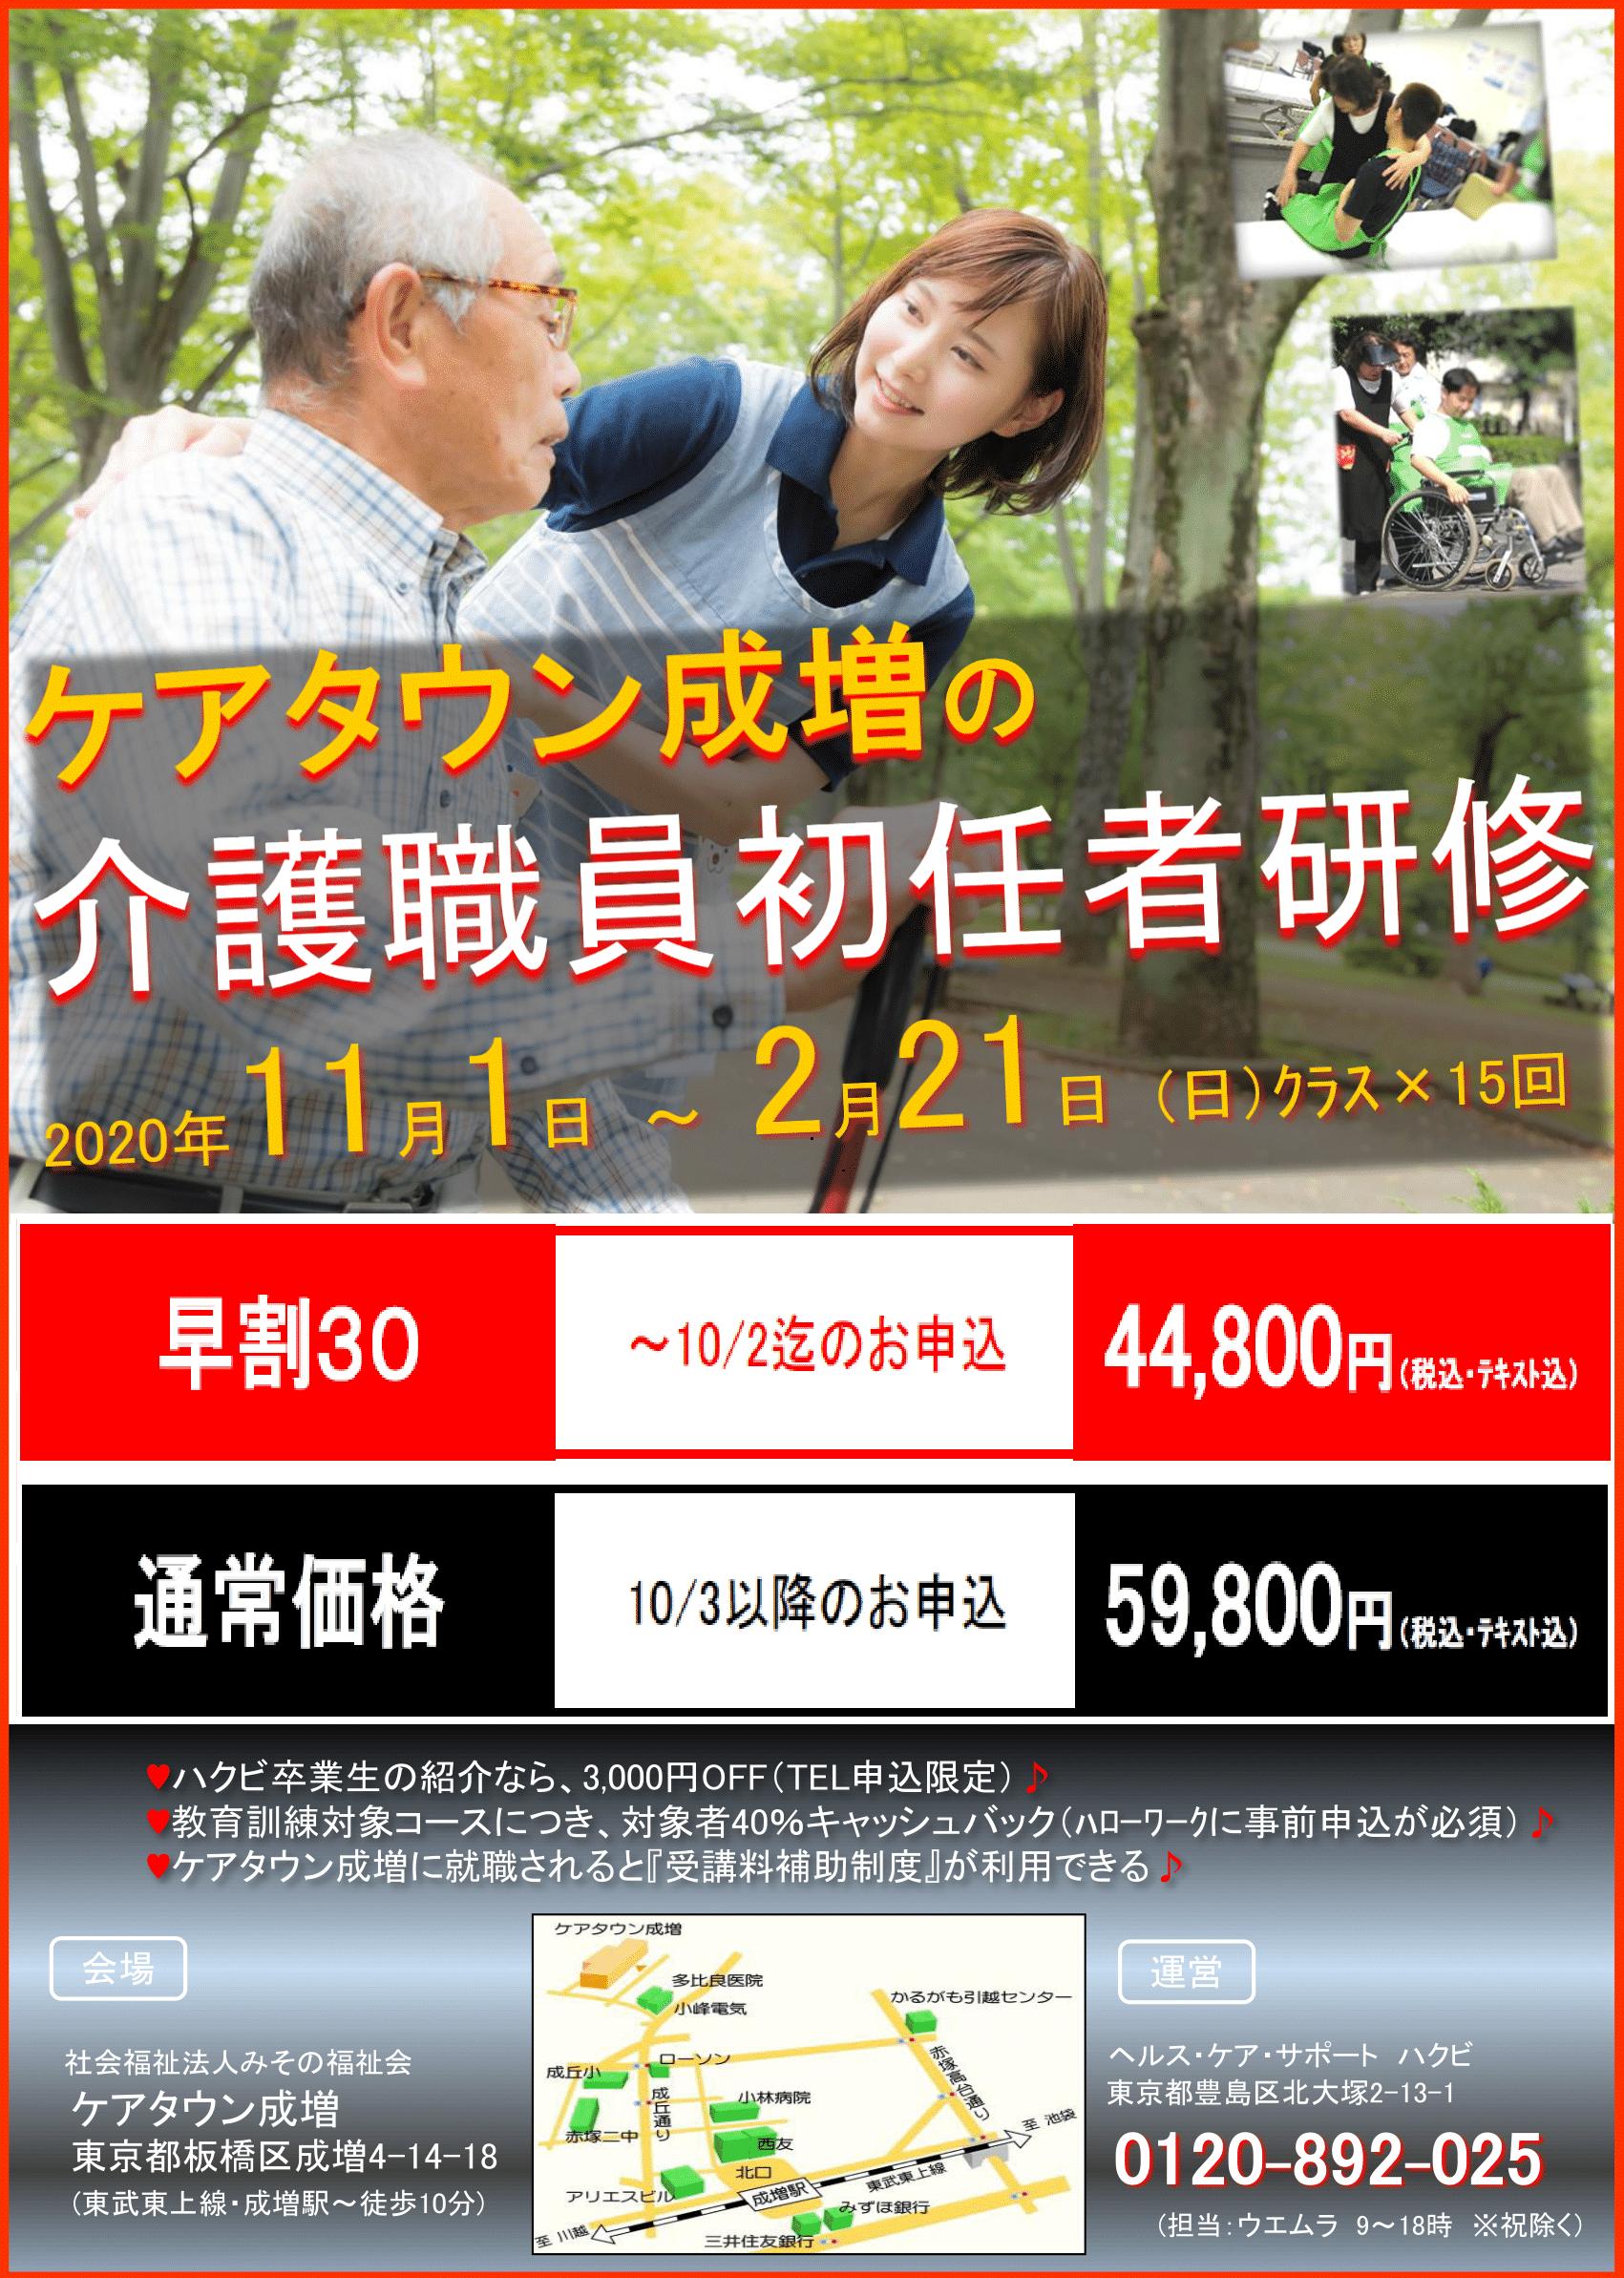 縲占。ィ縲大・莉サ閠・メ繝ゥ繧キ191201縲€繧ア繧「繧ソ繧ヲ繝ウ-1